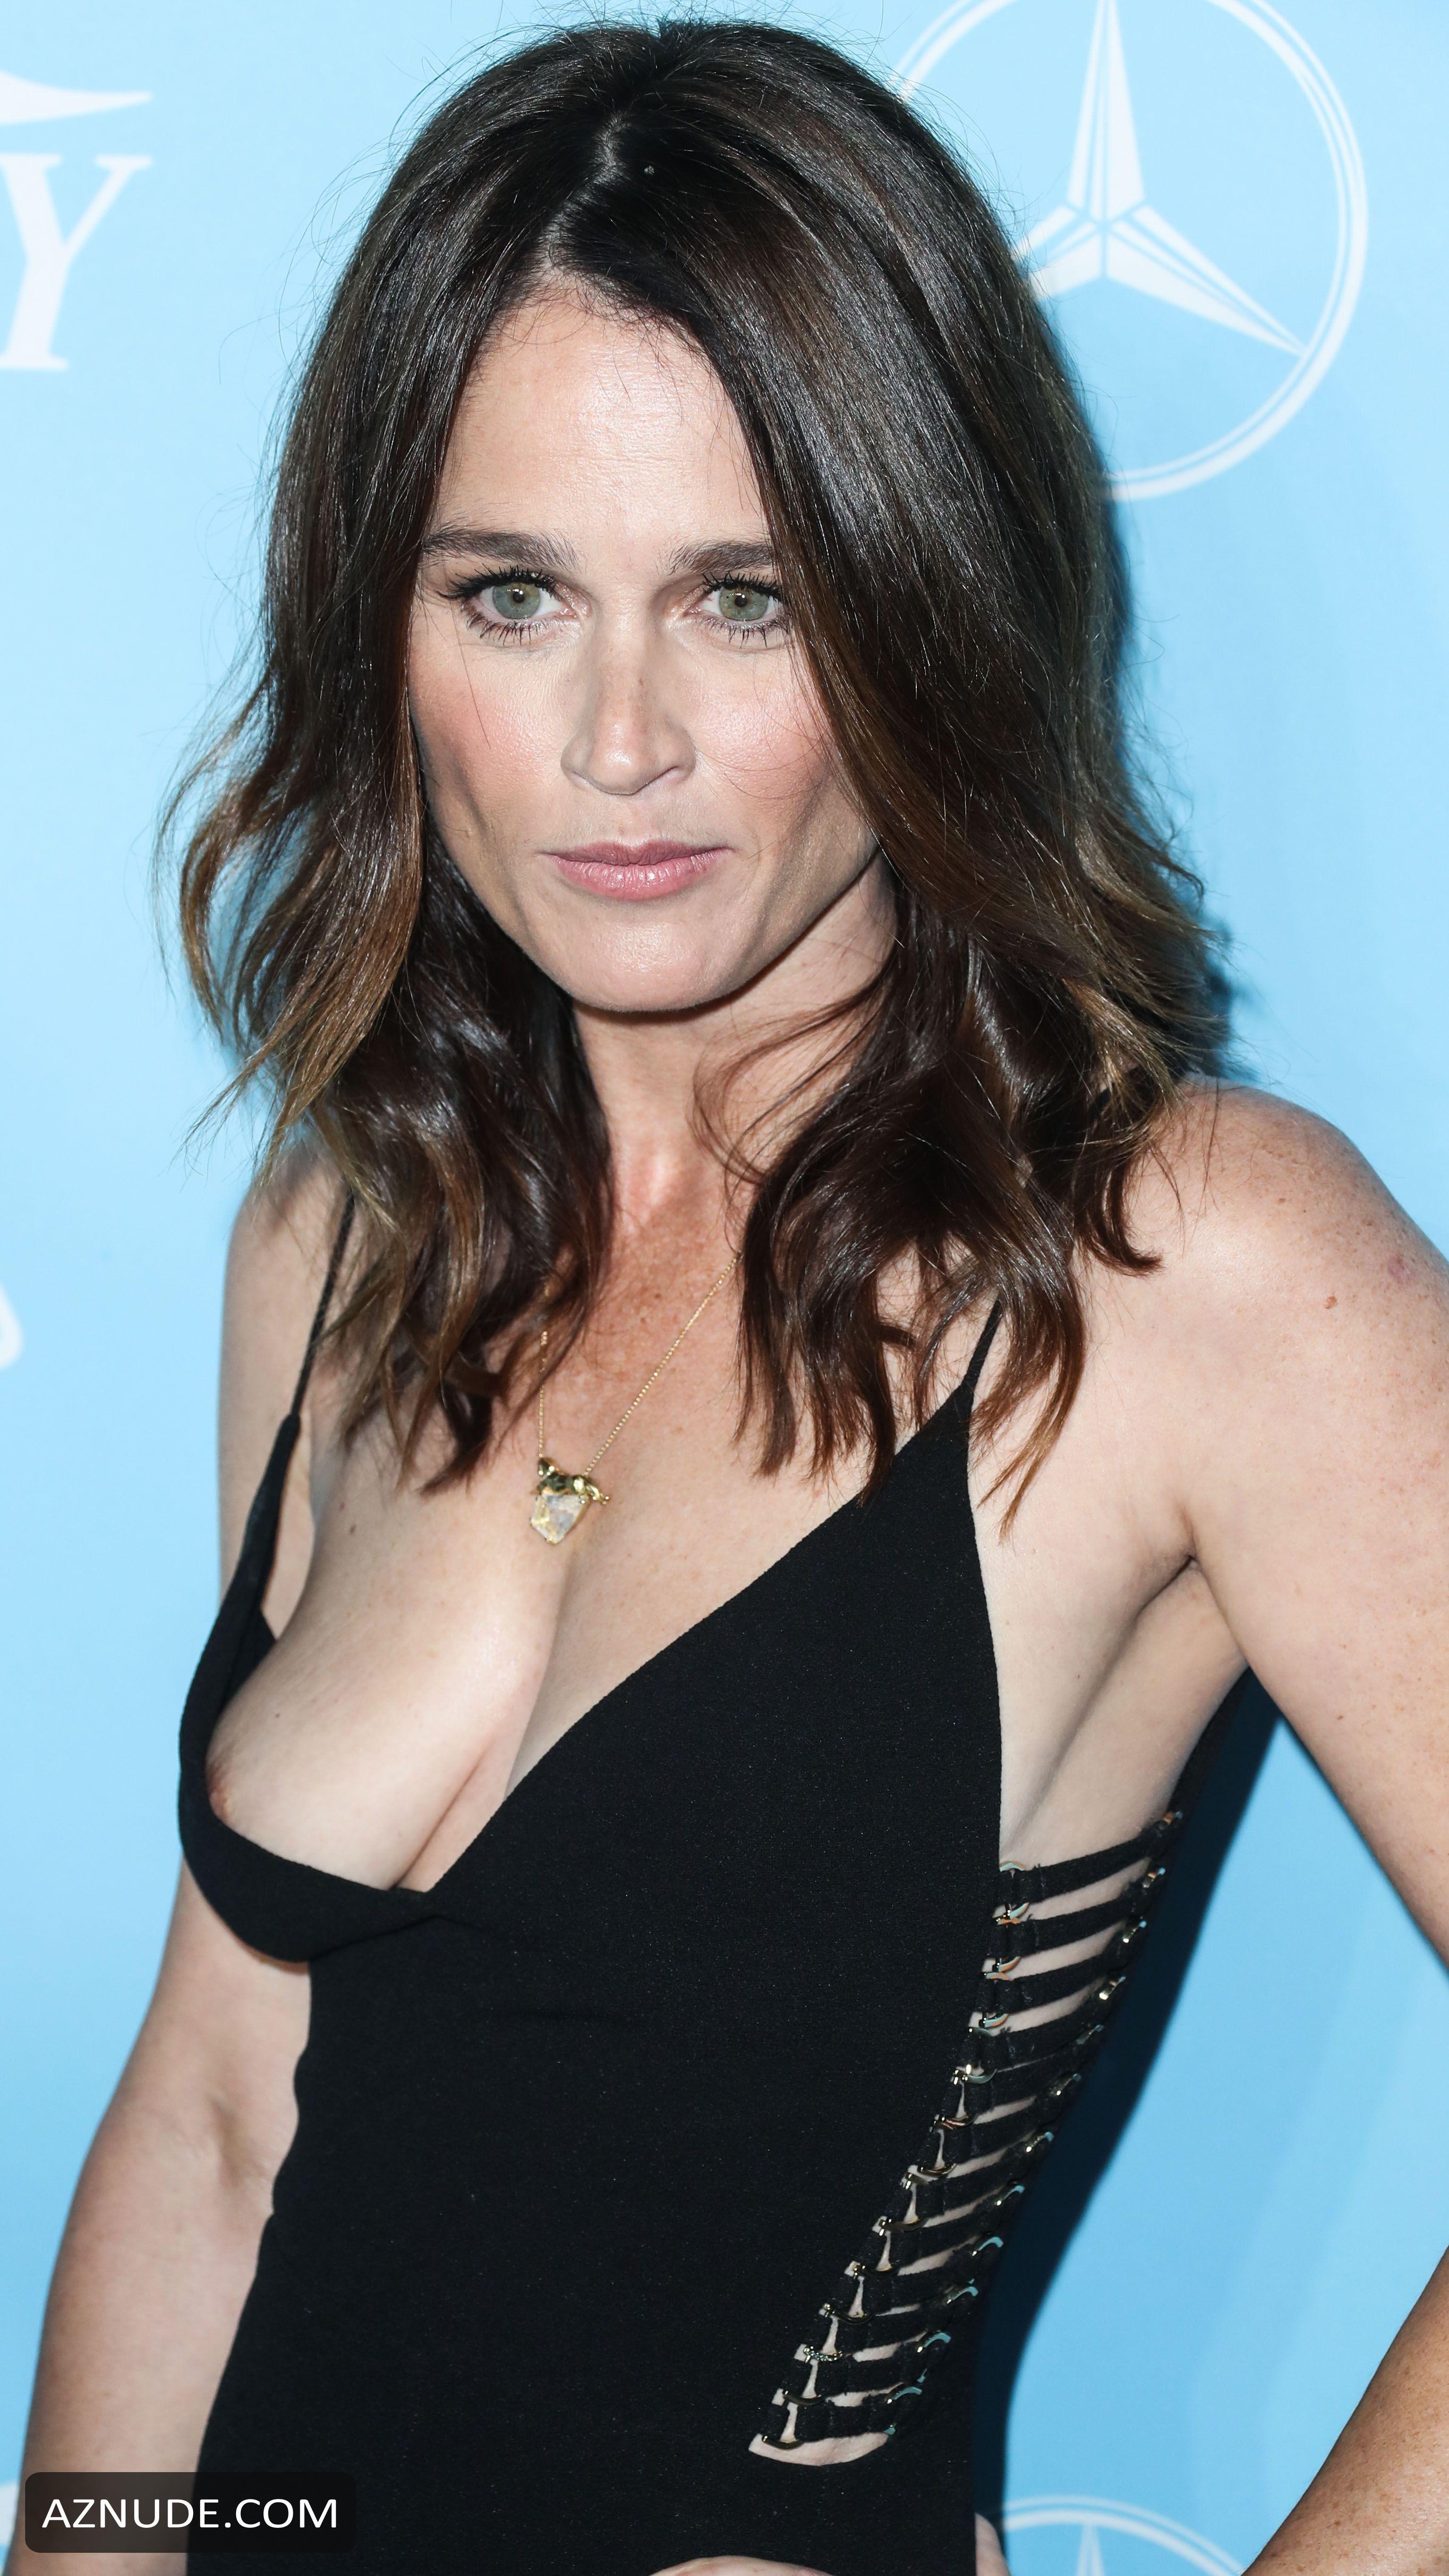 Cleavage Robin Tunney nudes (47 photo), Topless, Bikini, Feet, braless 2020